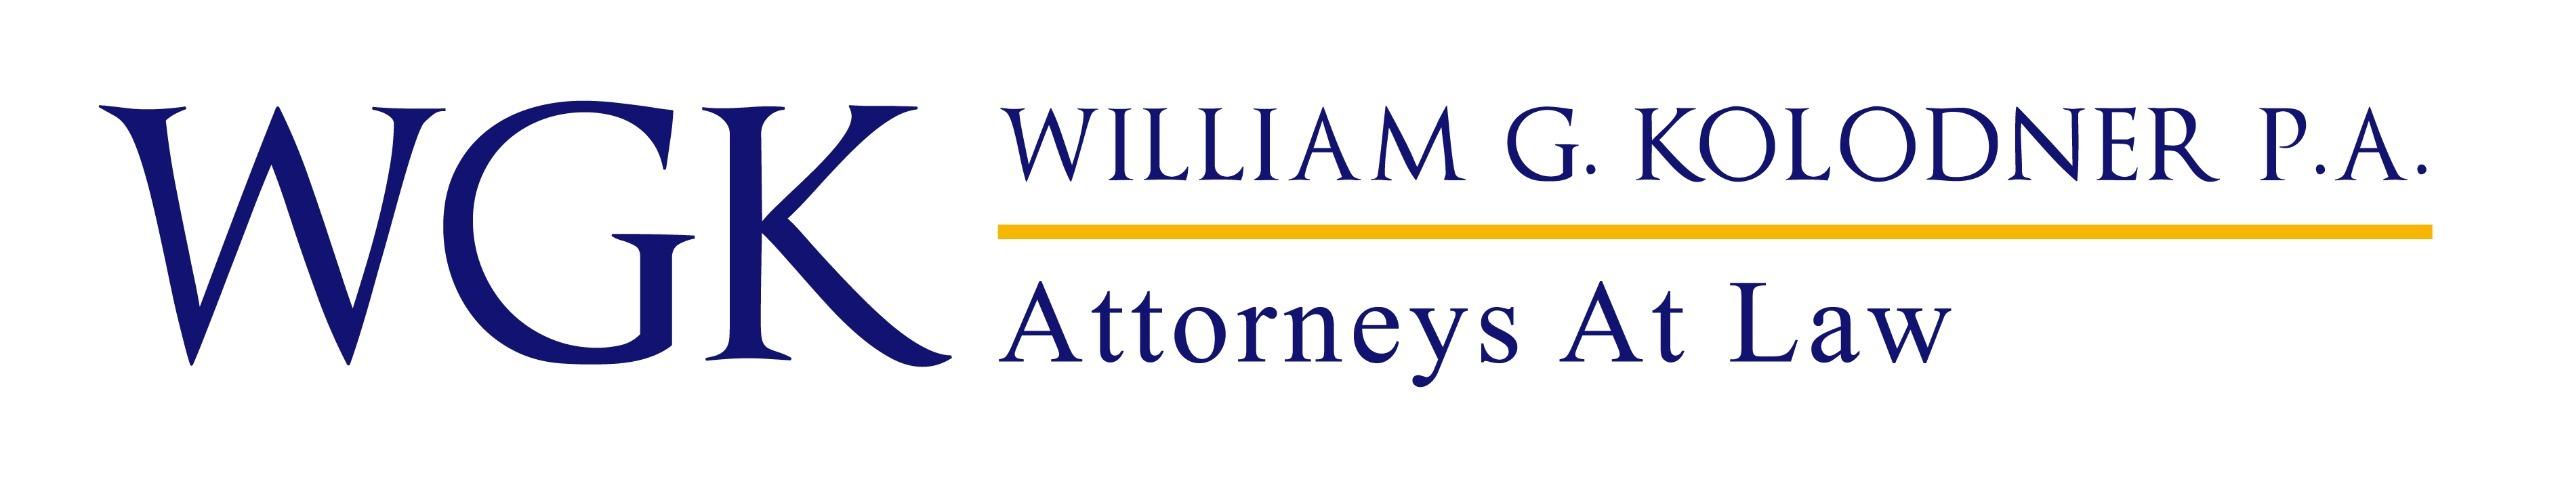 William G. Kolodner P.A. (@williiamgkolodner) Cover Image